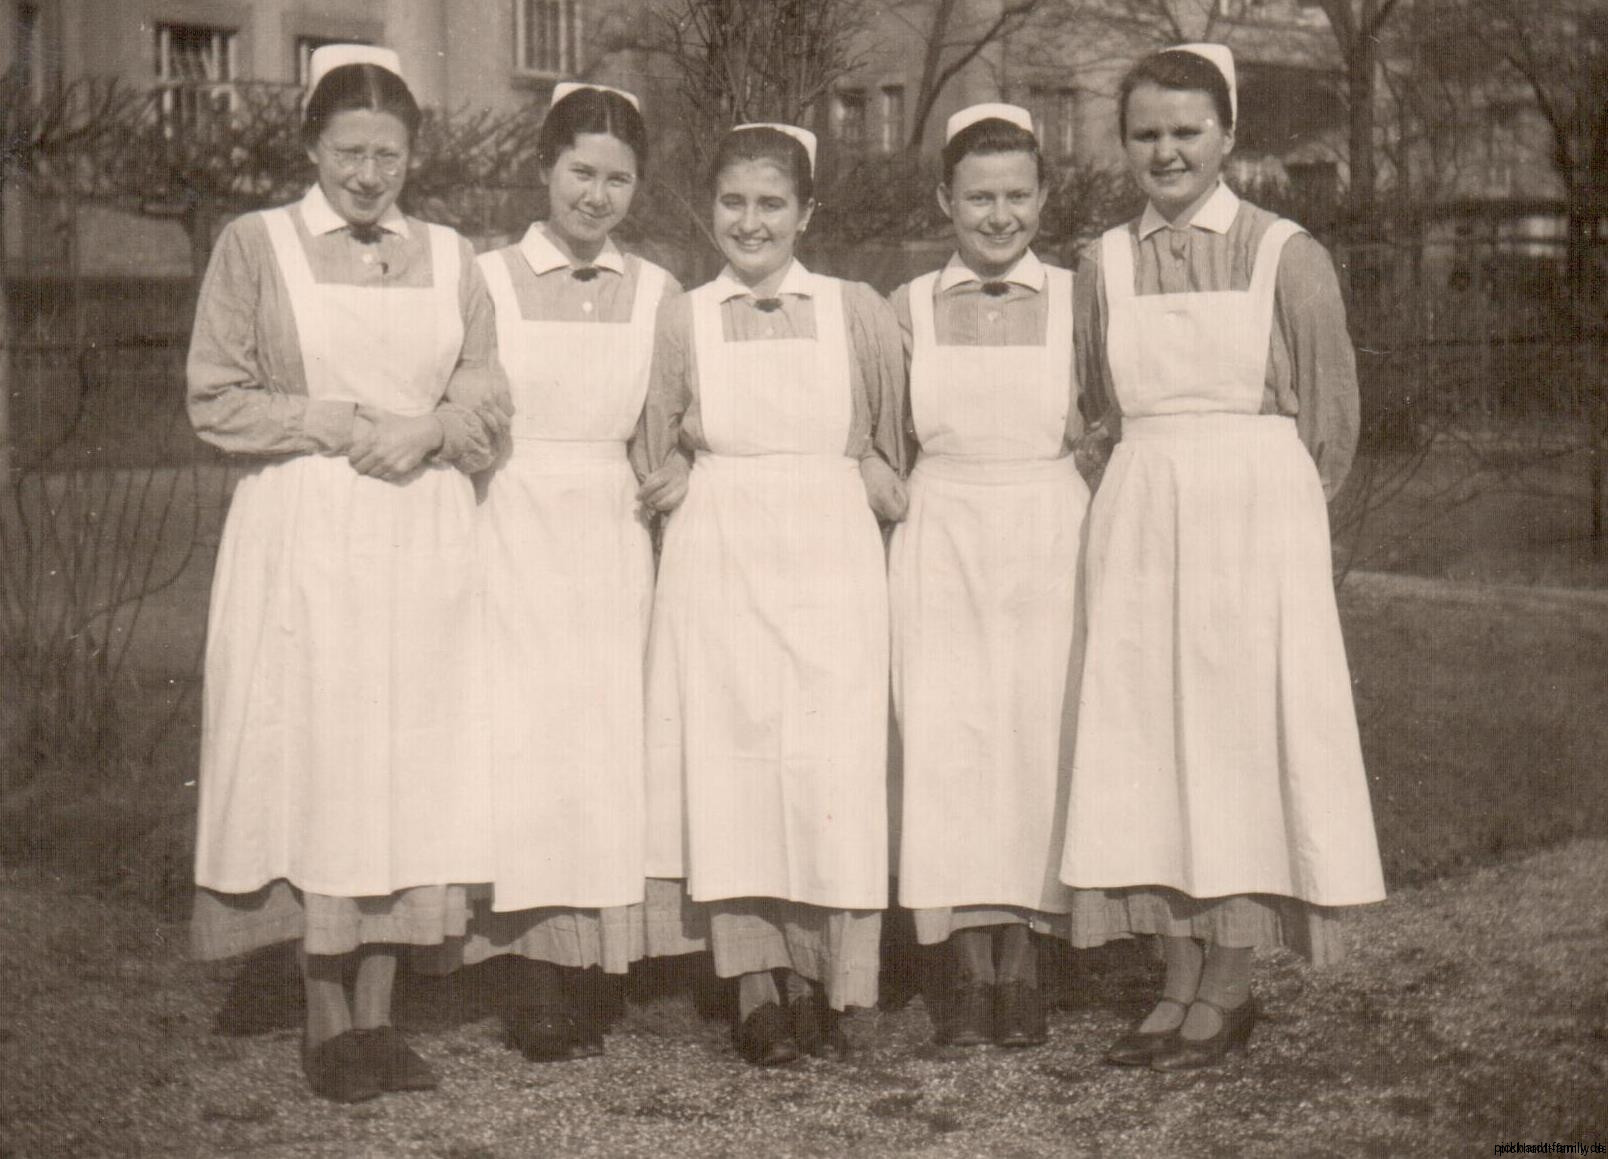 1938 Annemarie Pickhardt